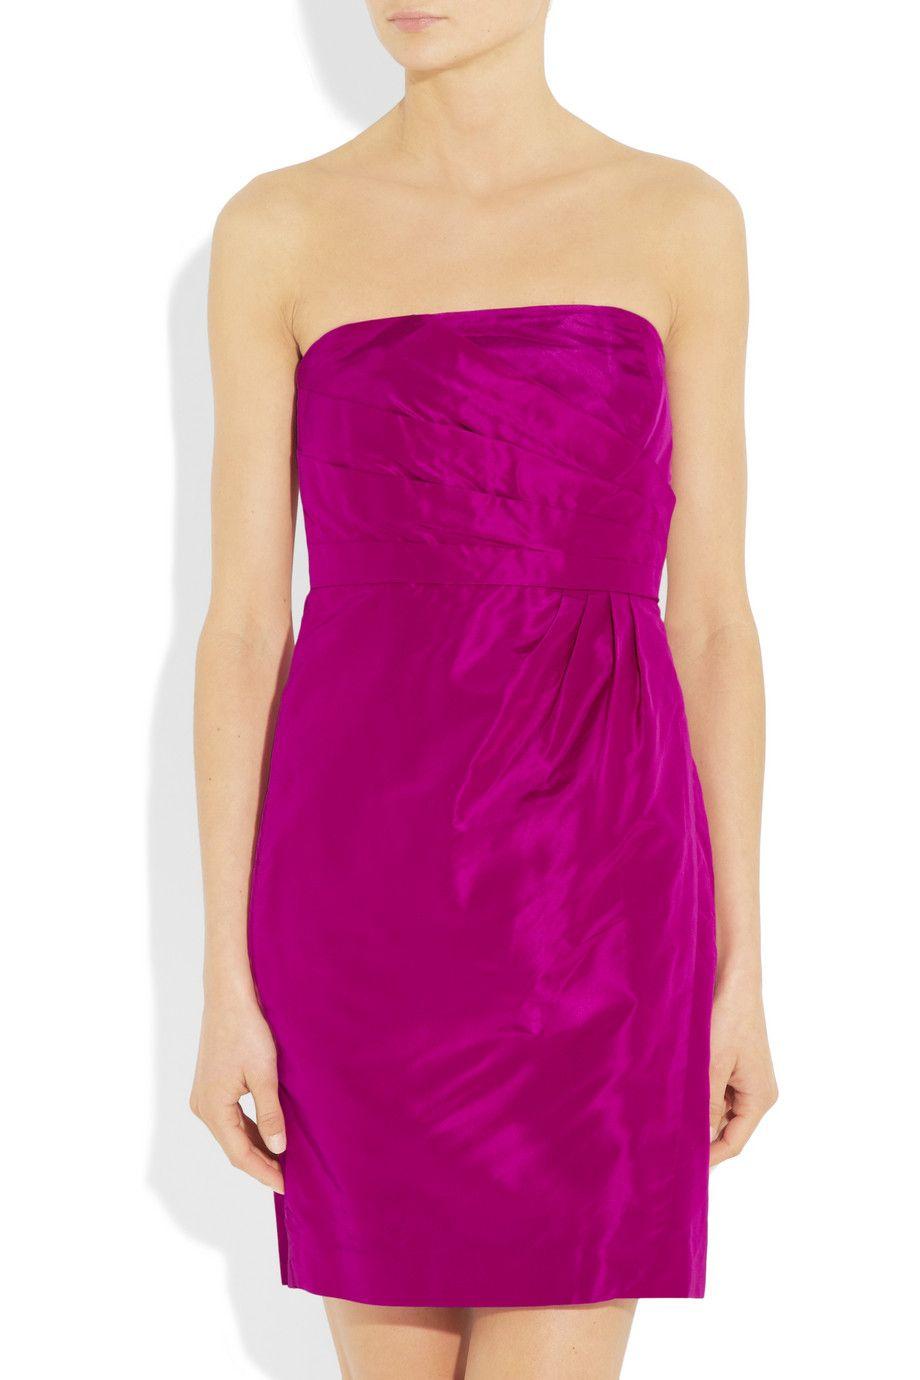 J.Crew | Selma strapless silk-taffeta dress | NET-A-PORTER.COM | I ...